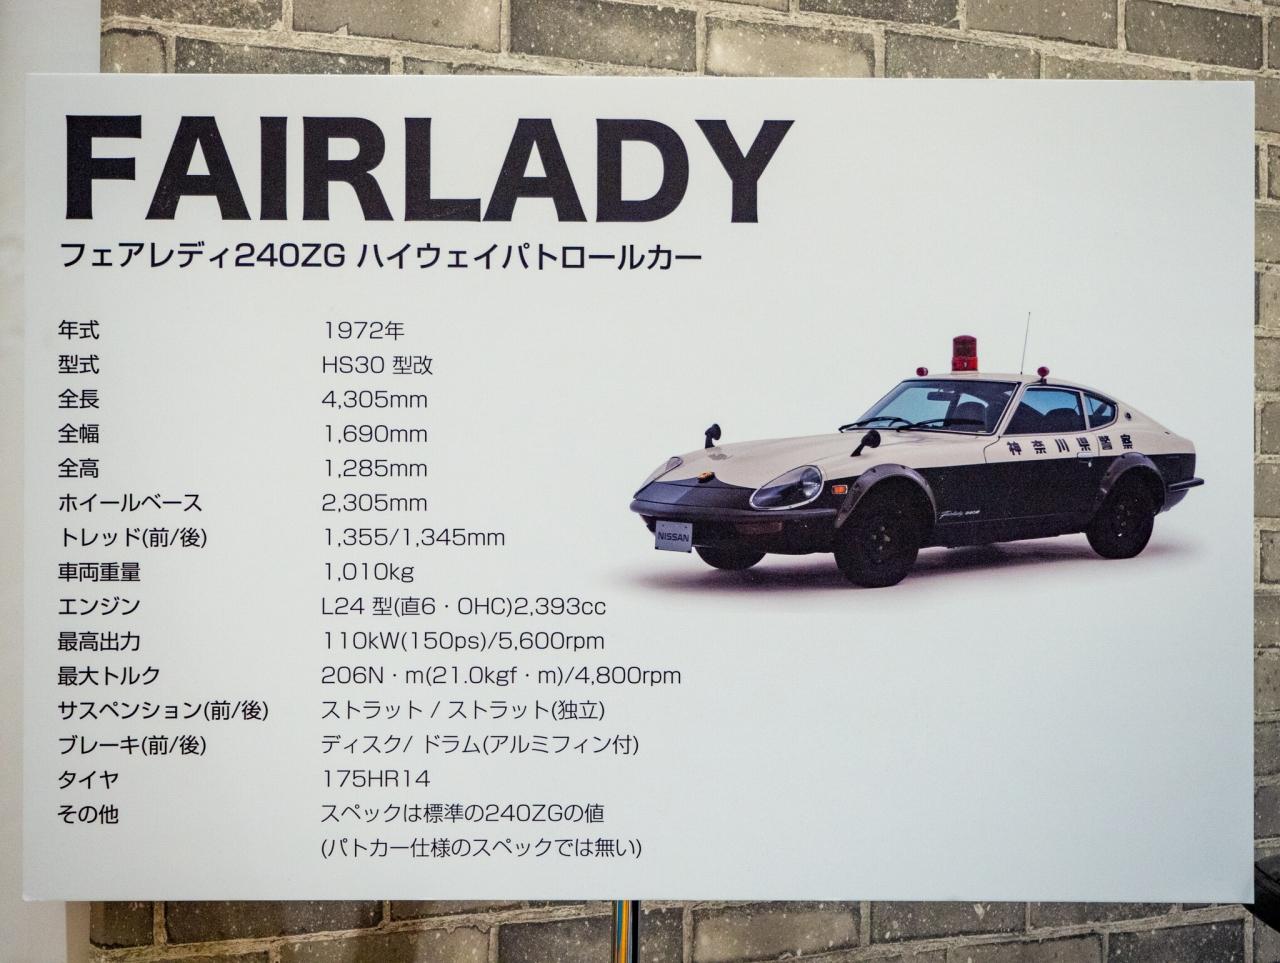 フェアレディZ 240ZG ハイウェイパトロールカー 写真 (その3)